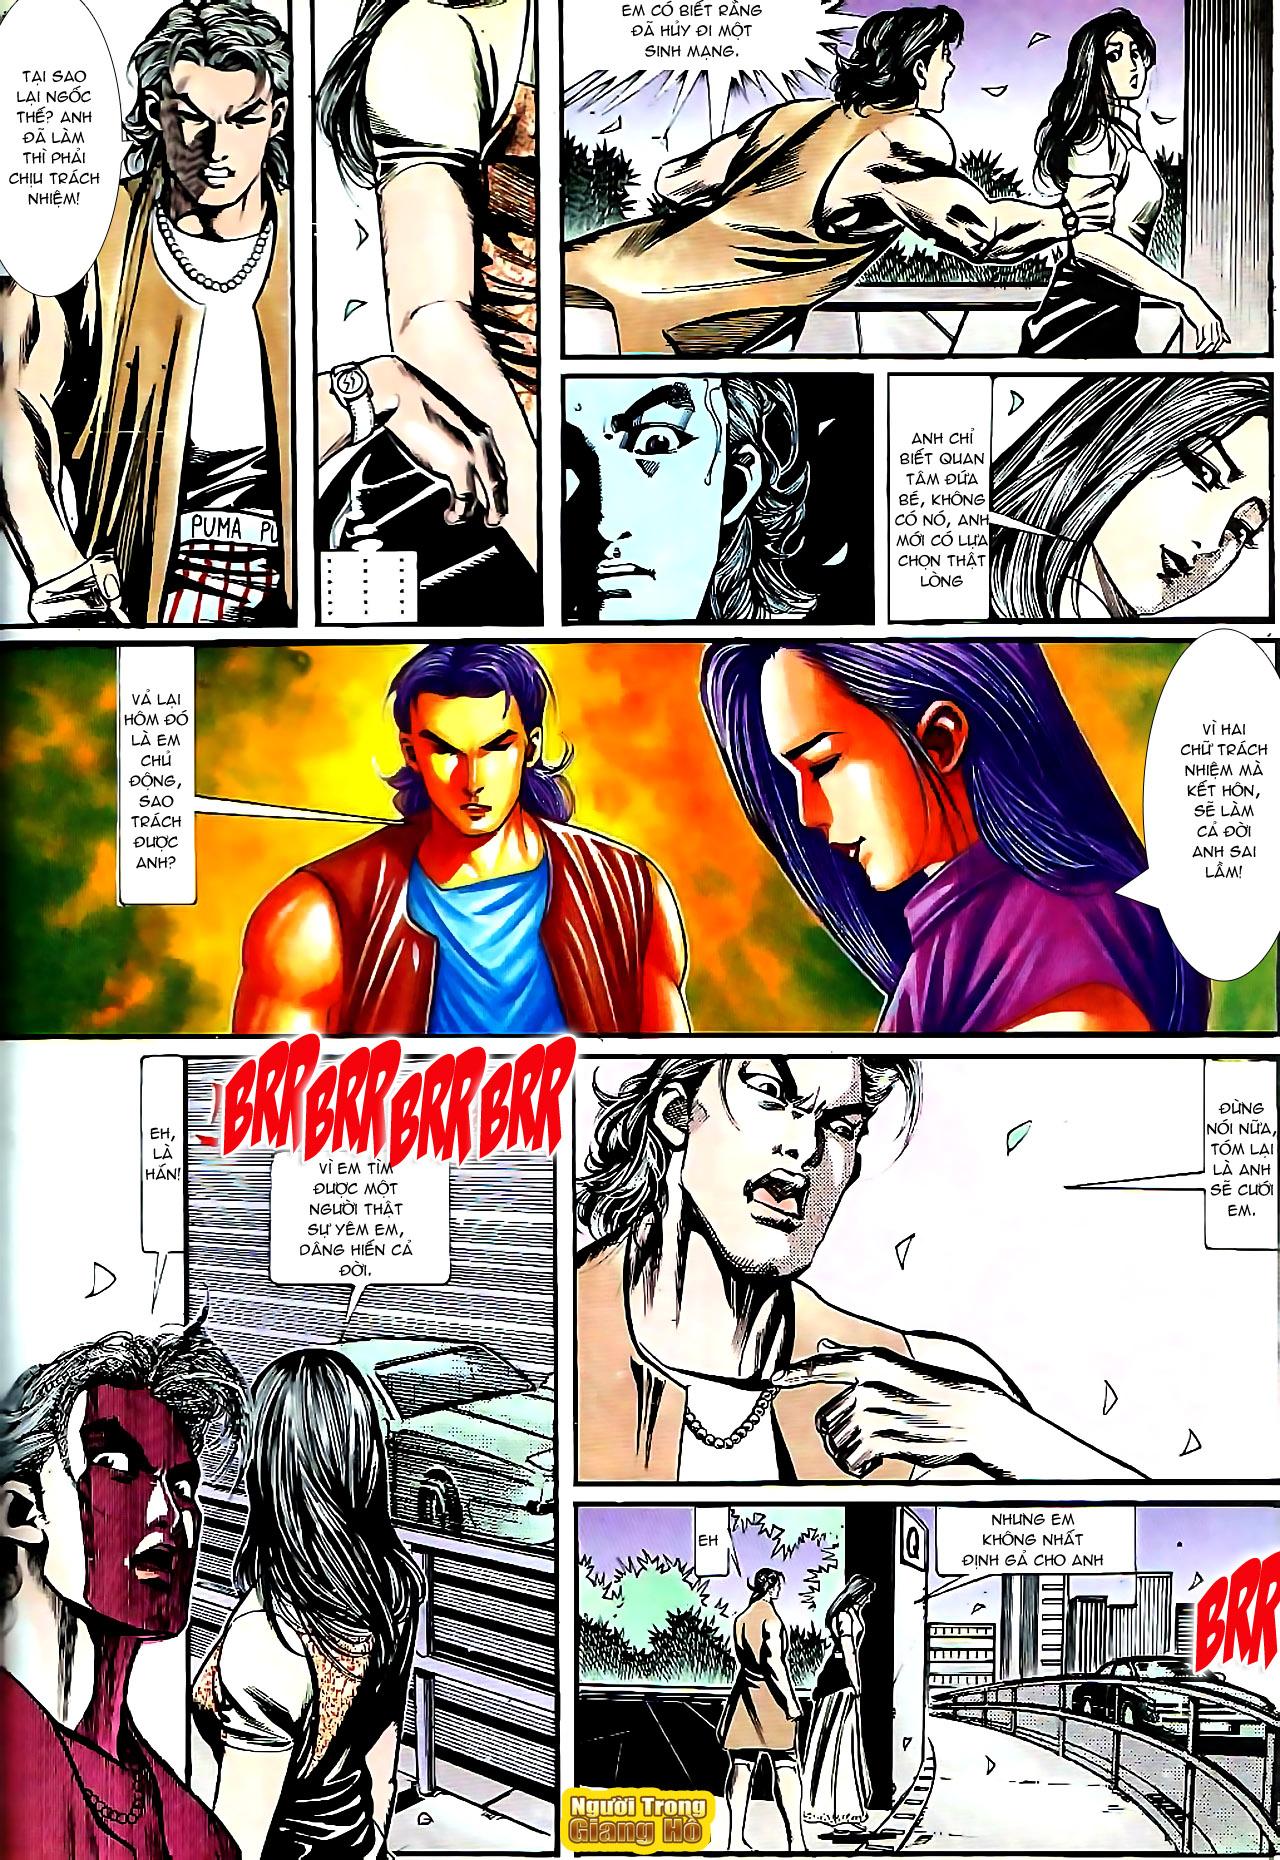 Người Trong Giang Hồ chapter 148: em đã gả cho anh trang 20